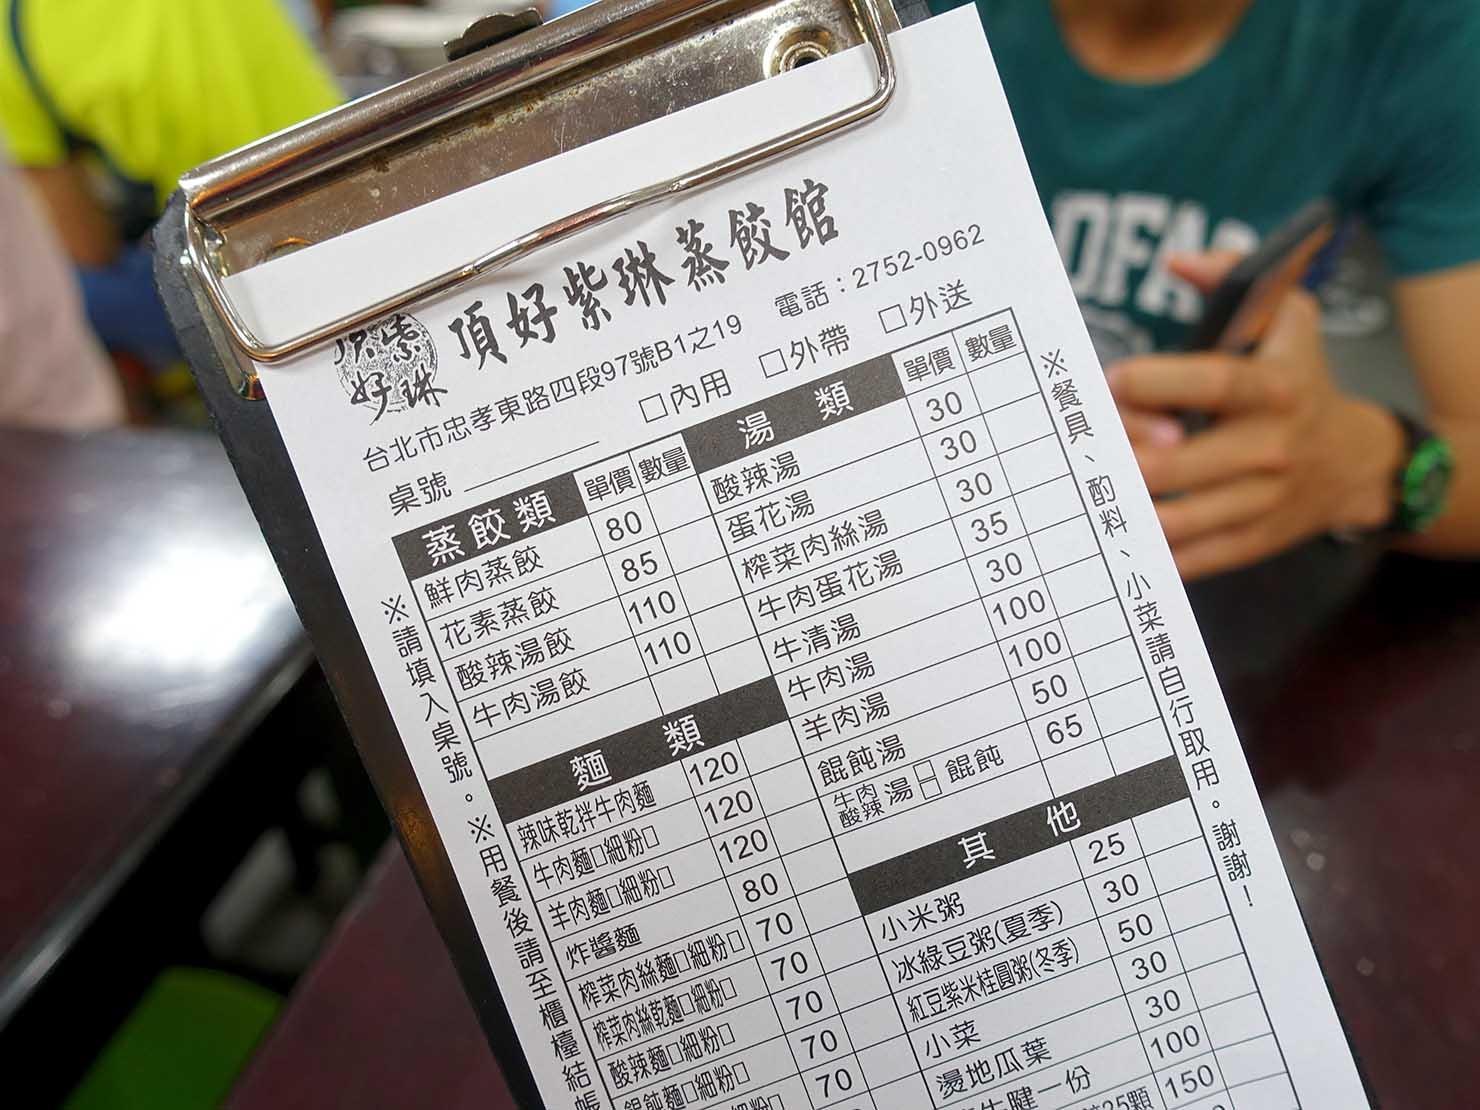 台北・忠孝敦化駅(東區)のおすすめグルメ店「頂好紫琳蒸餃館」のメニュー